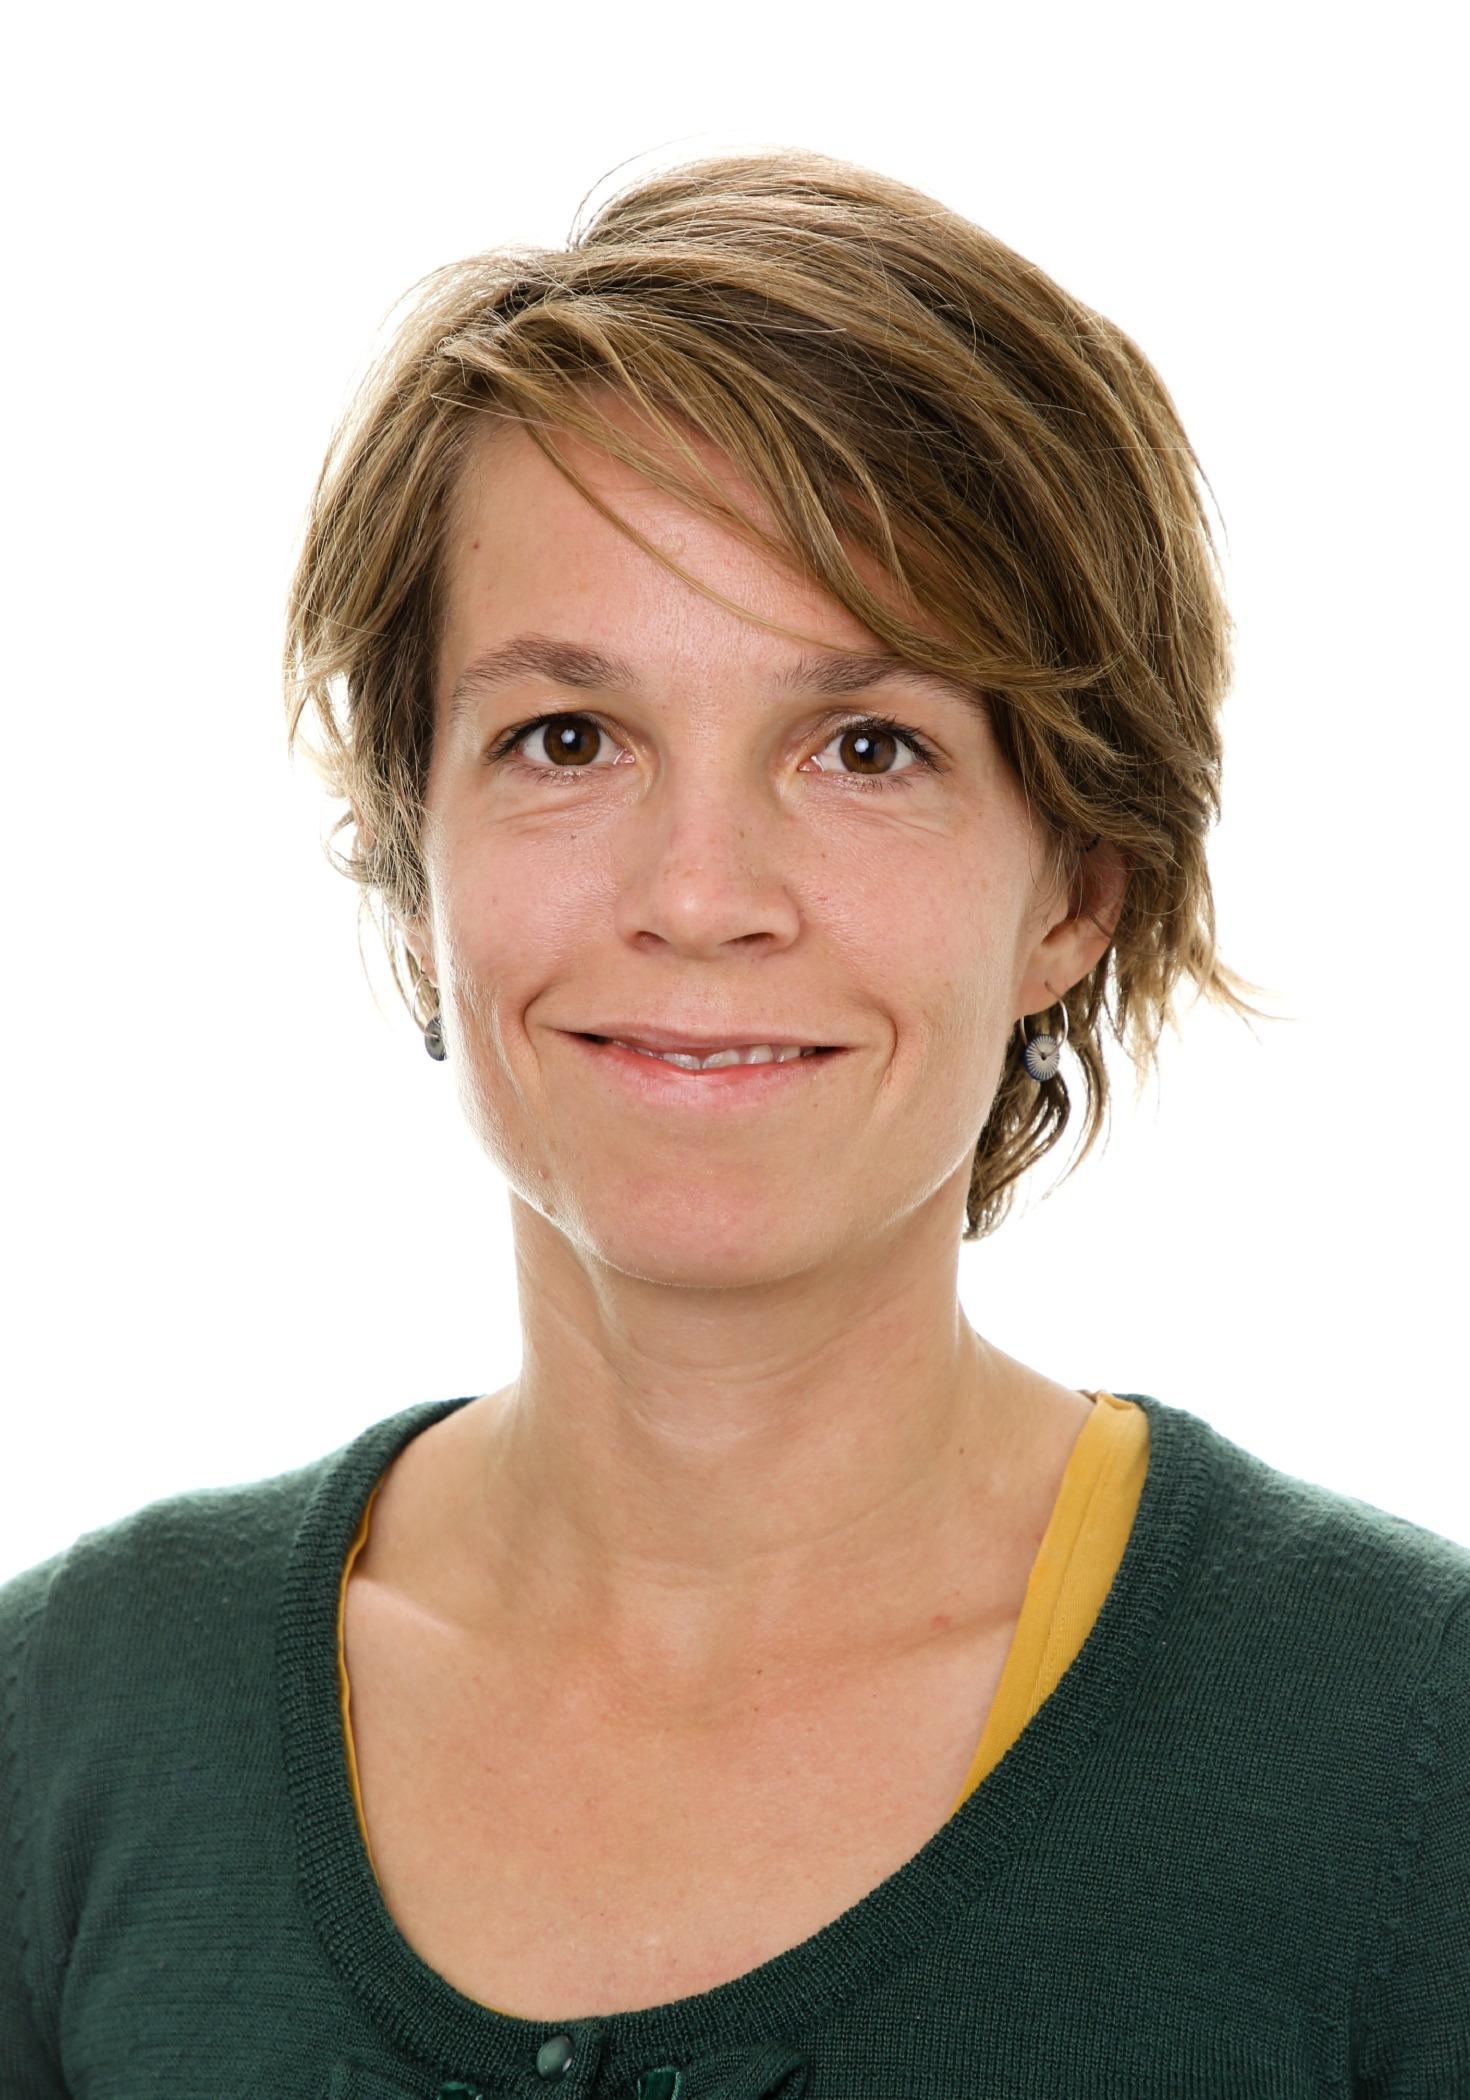 Ny - Anne Werngreen Zachariassen - lærer